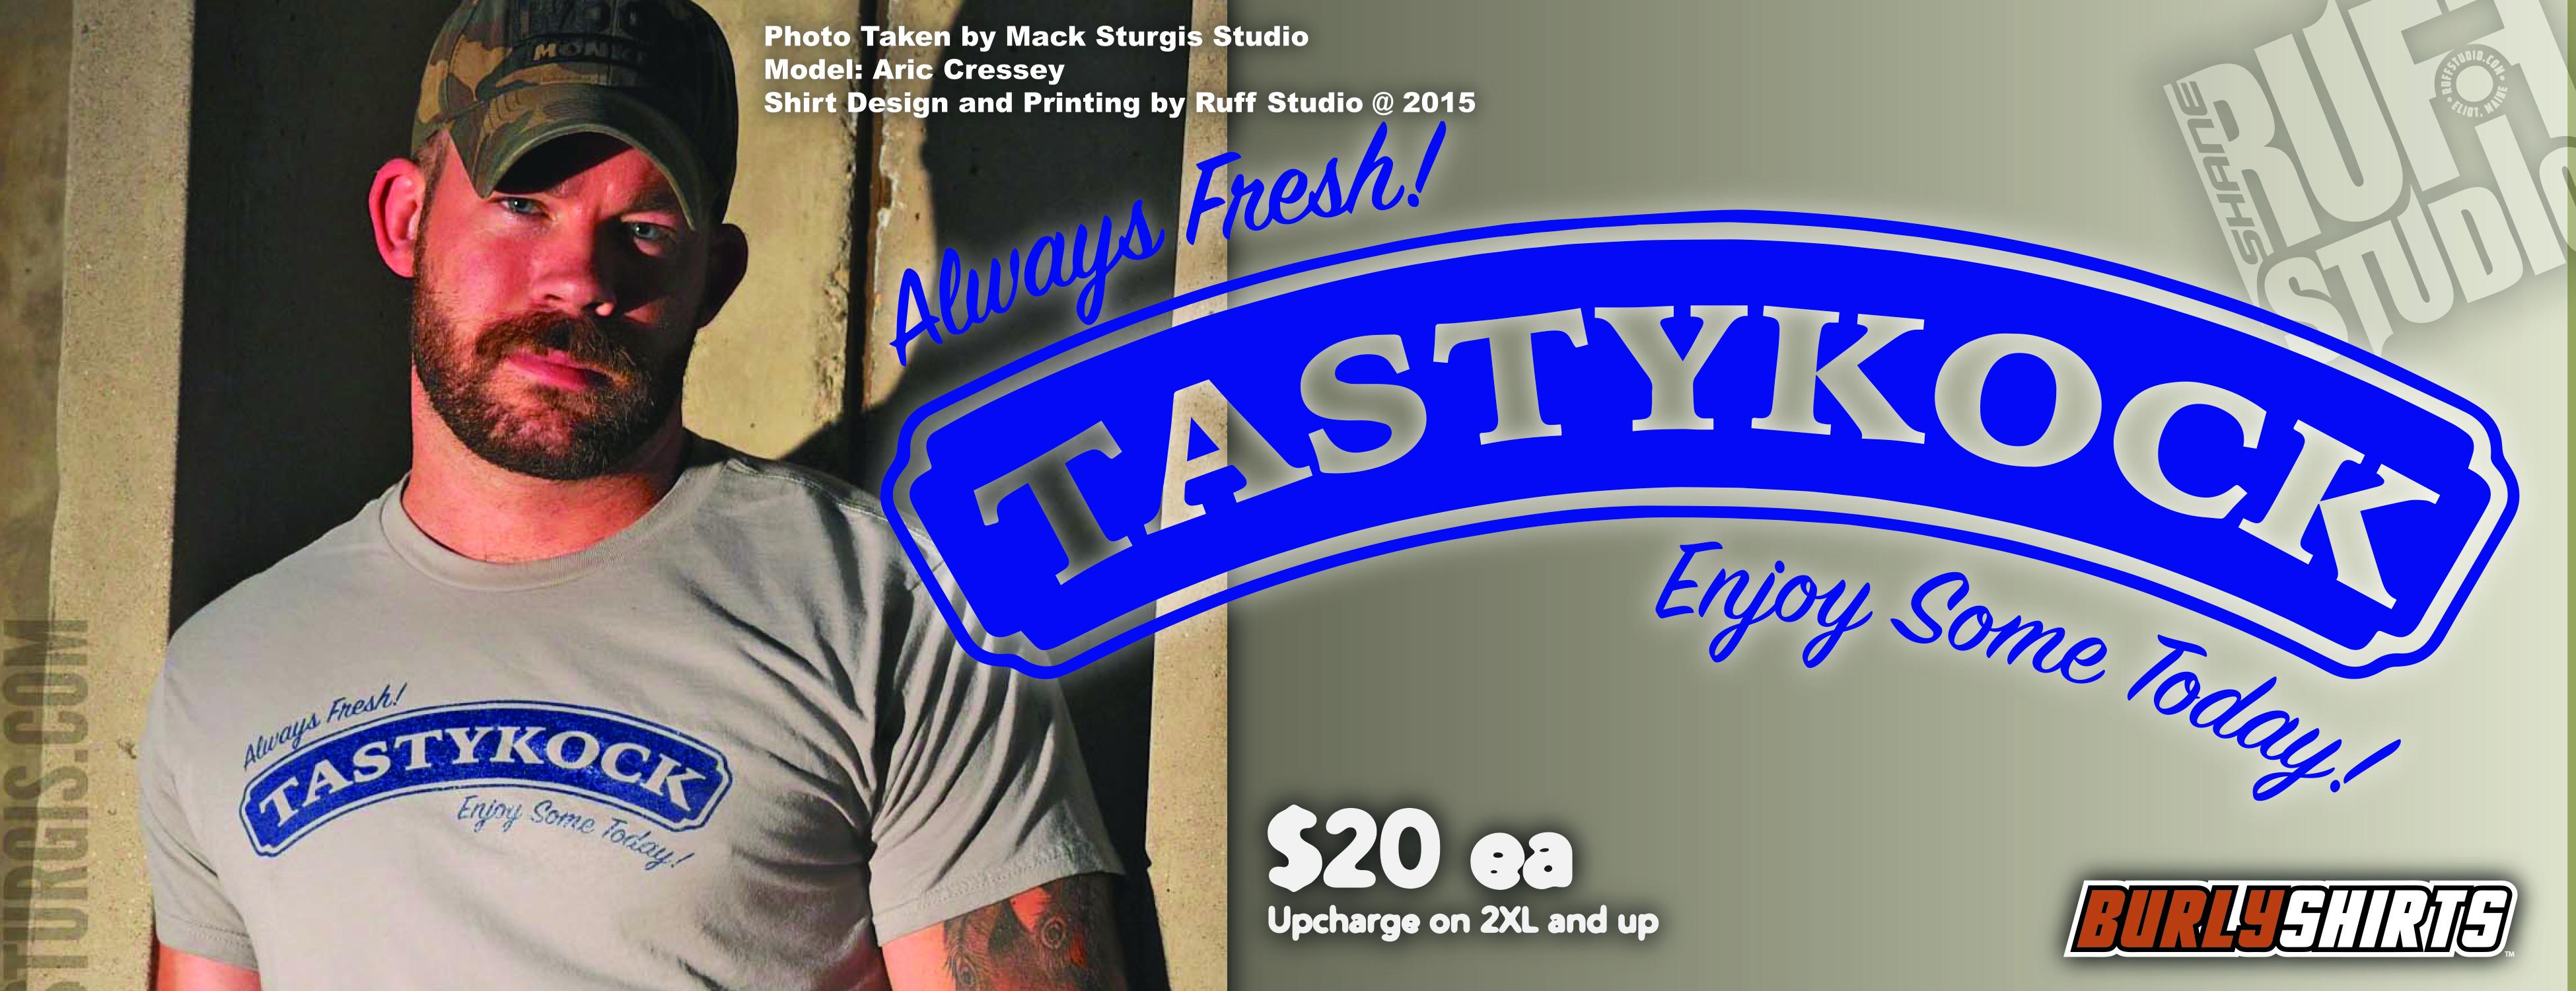 tasty-ad-1a.jpg